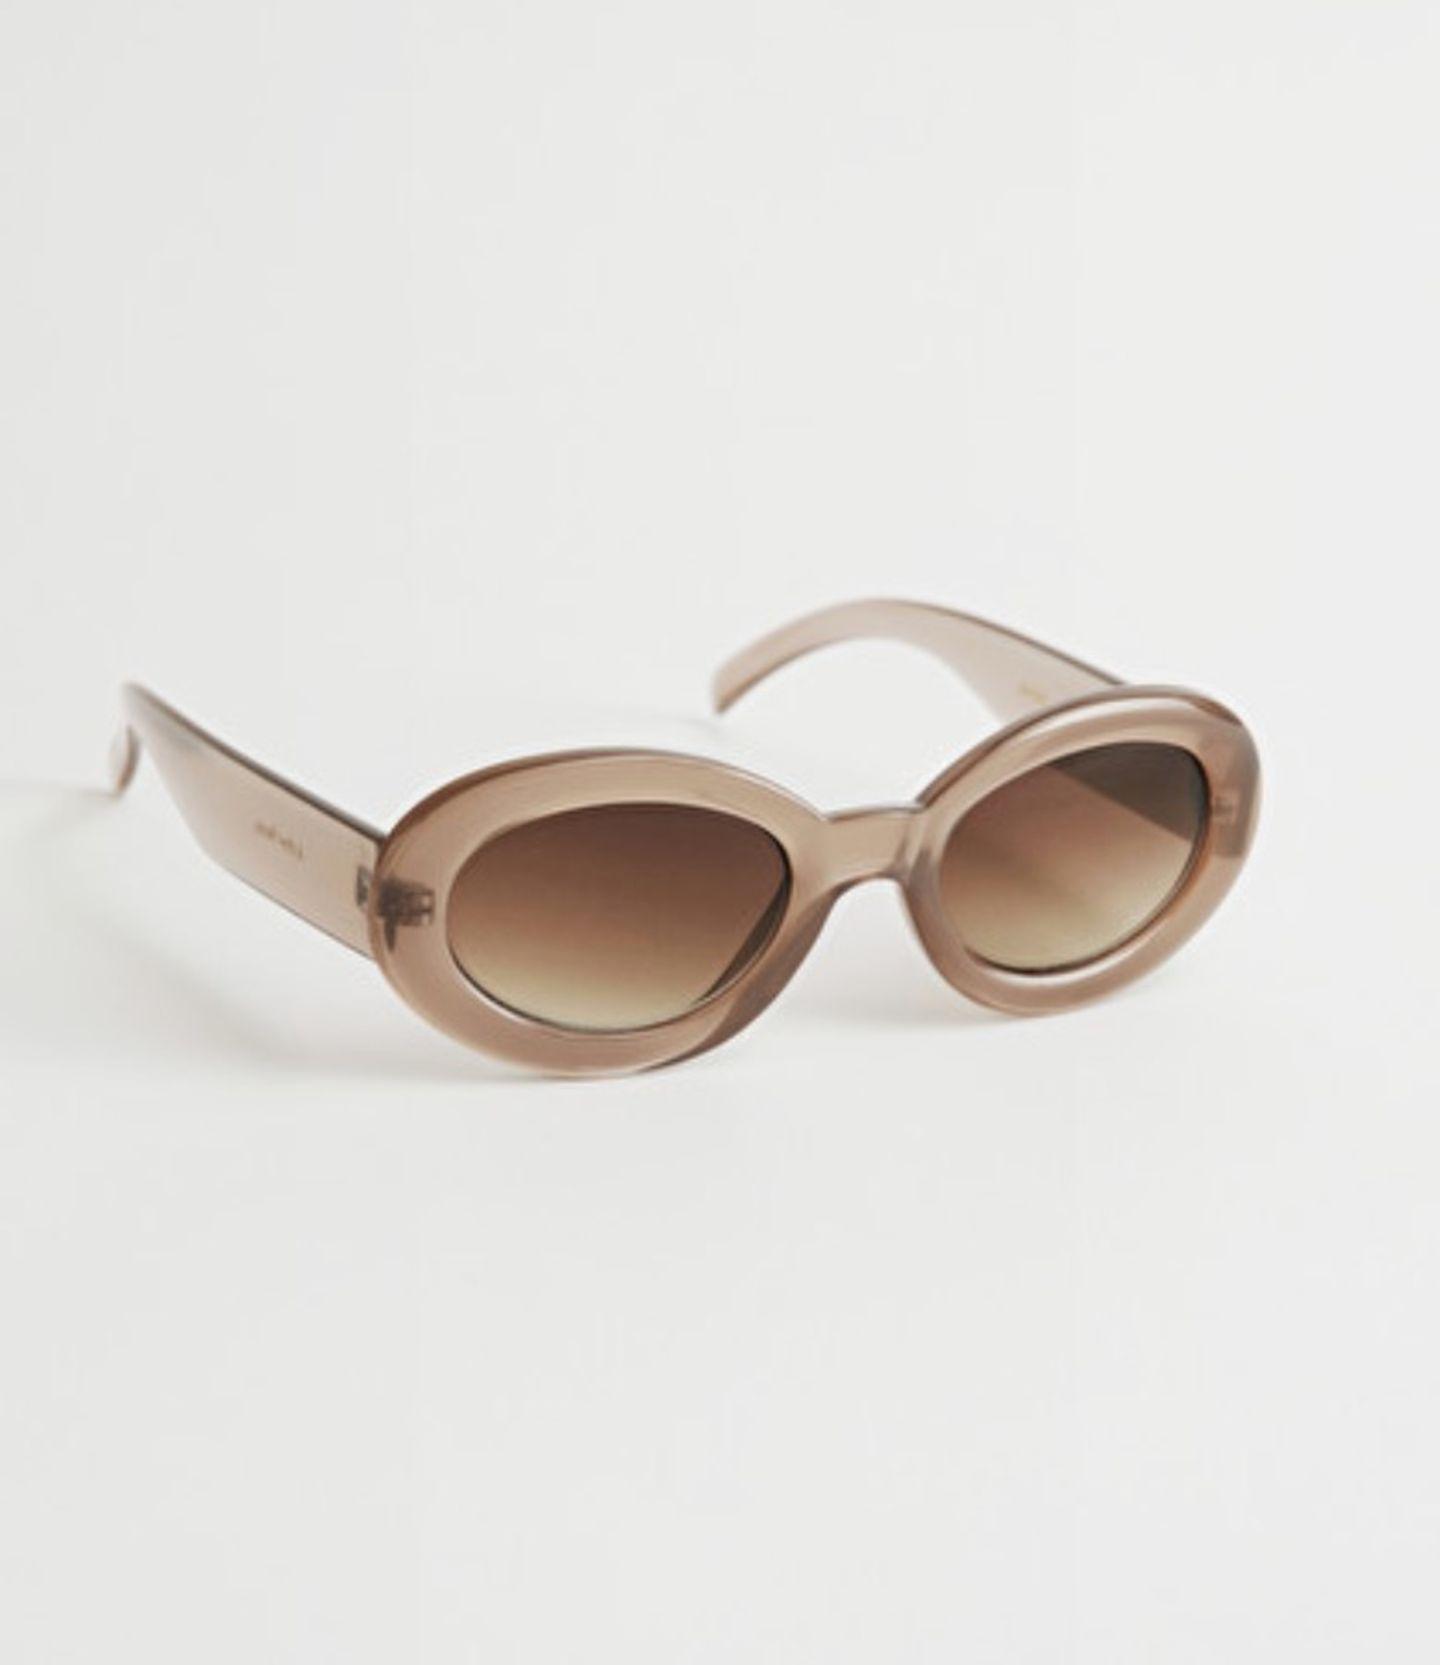 Ein Sommer ohne Sonnenbrille? Undenkbar! Dieses Modell mit mandelförmigem und transparentem Rahmenwäre auch zu stylisch, um es zu ignorieren. Von &other Stories, um 25 Euro.